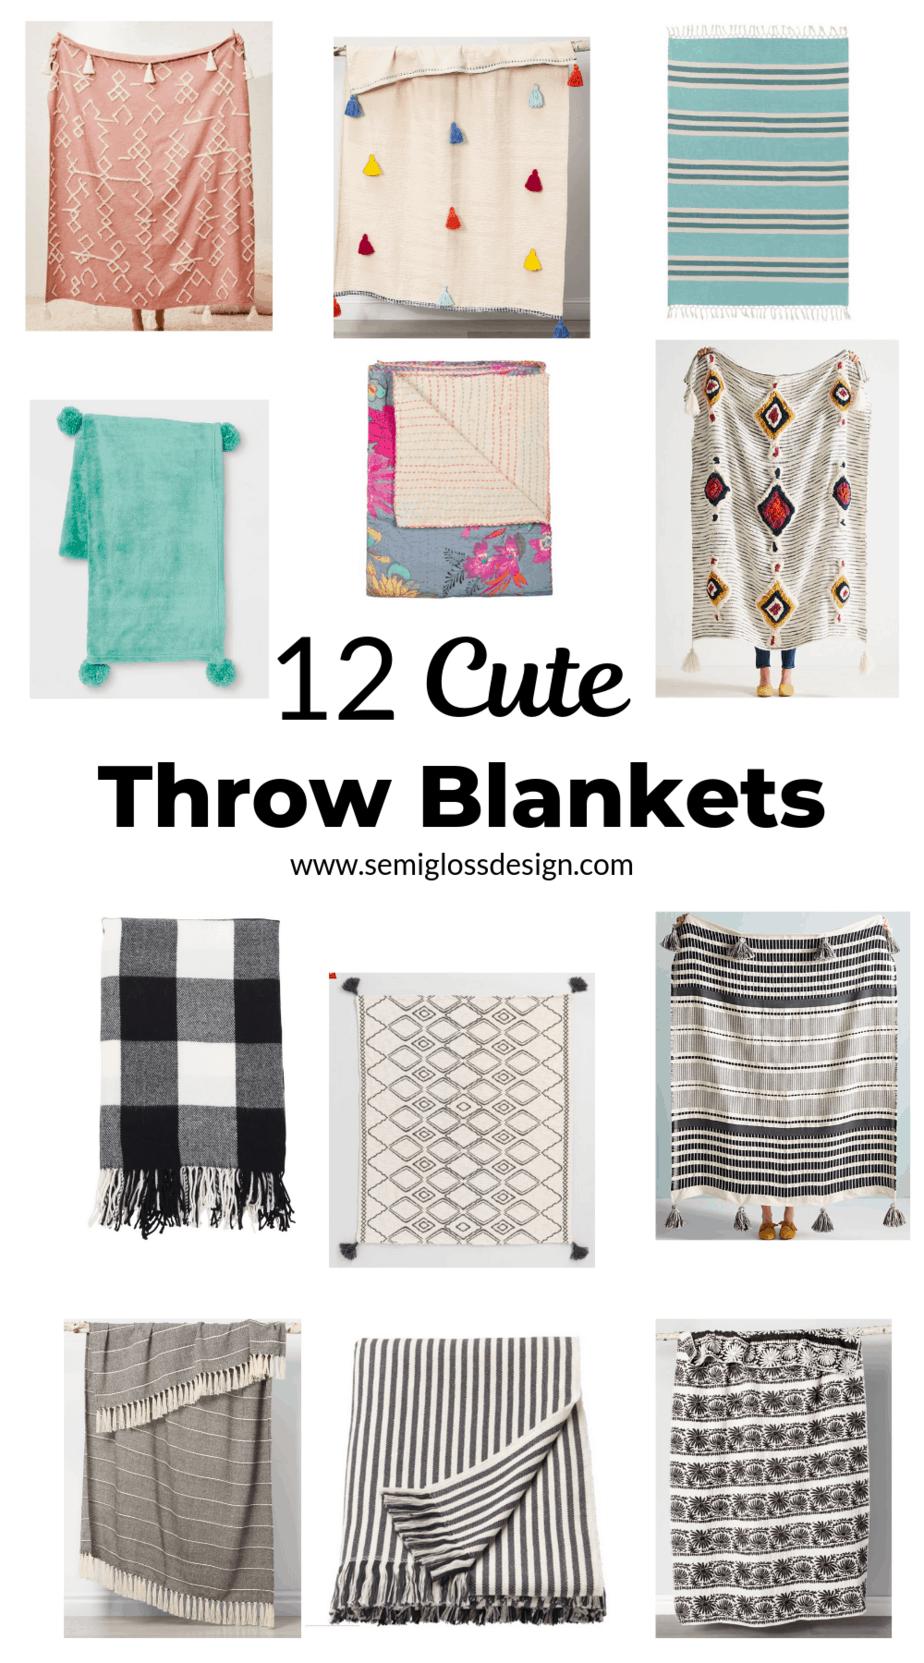 12 cute throw blankets